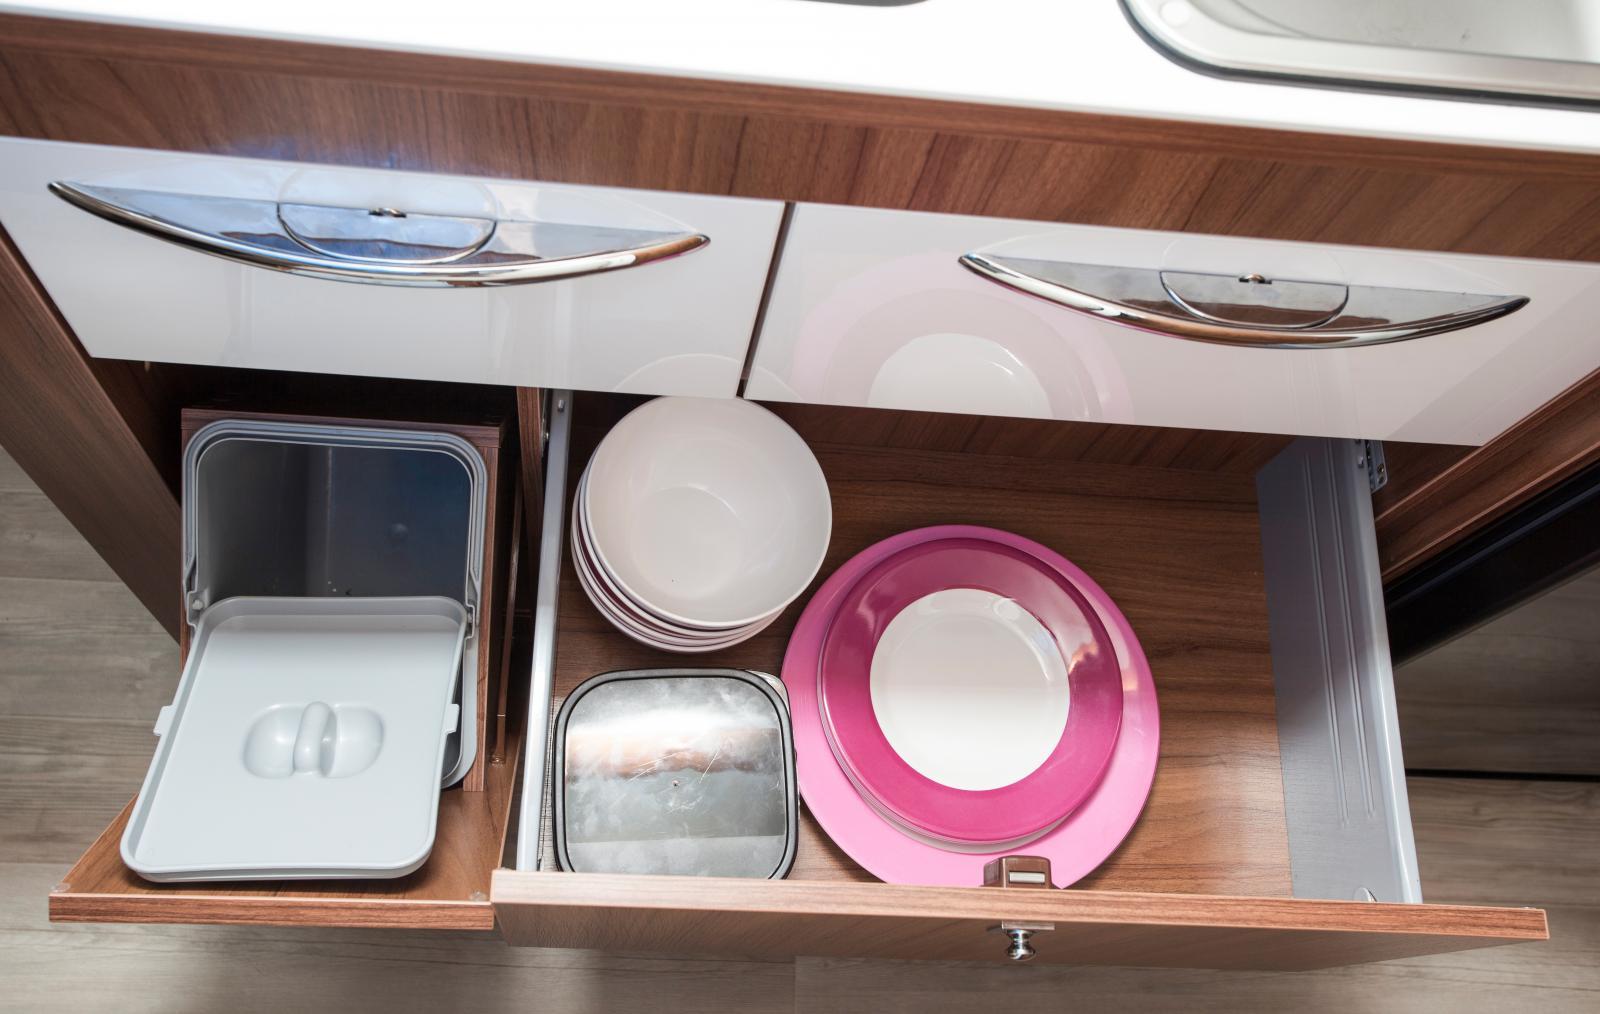 Undre kökslådan innehåller en integrerad sophink.